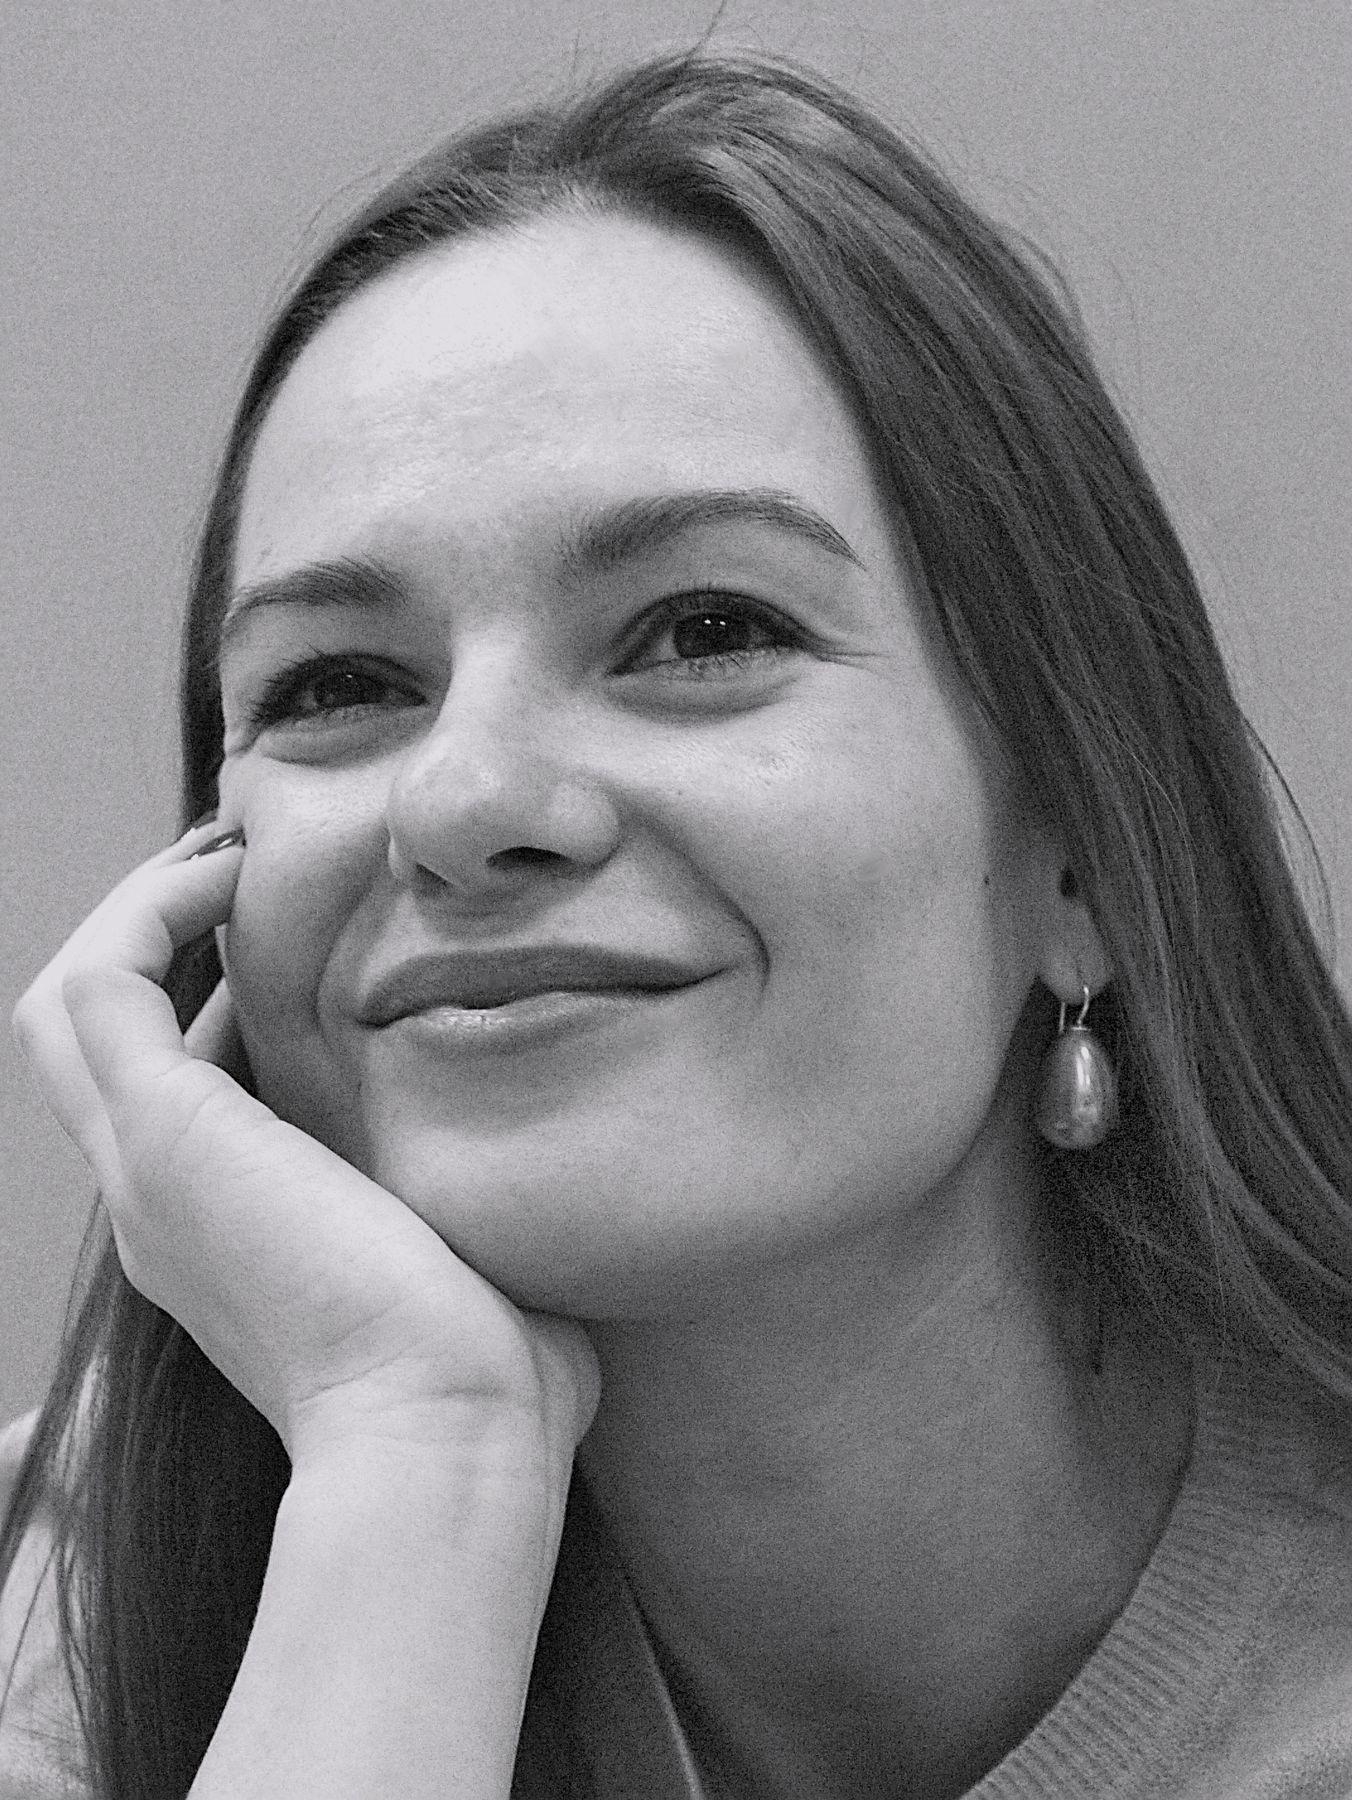 14.02.21. Портрет. девушка портрет женский чёрно белая фотография